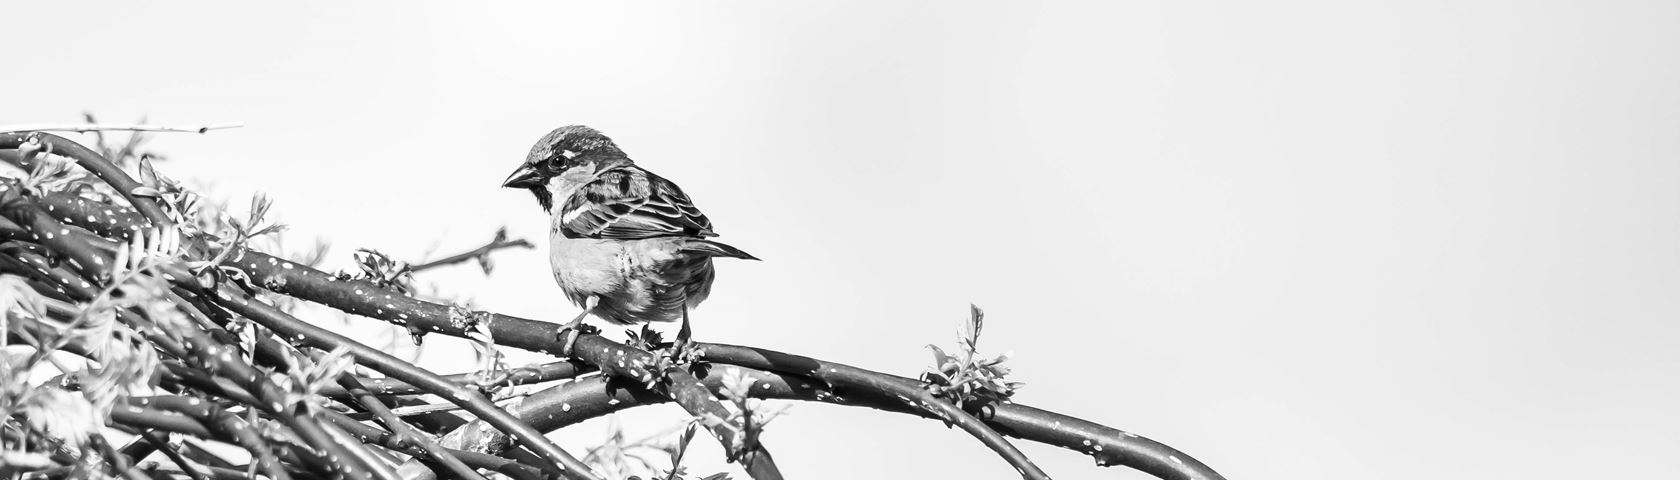 Sparrow High Key